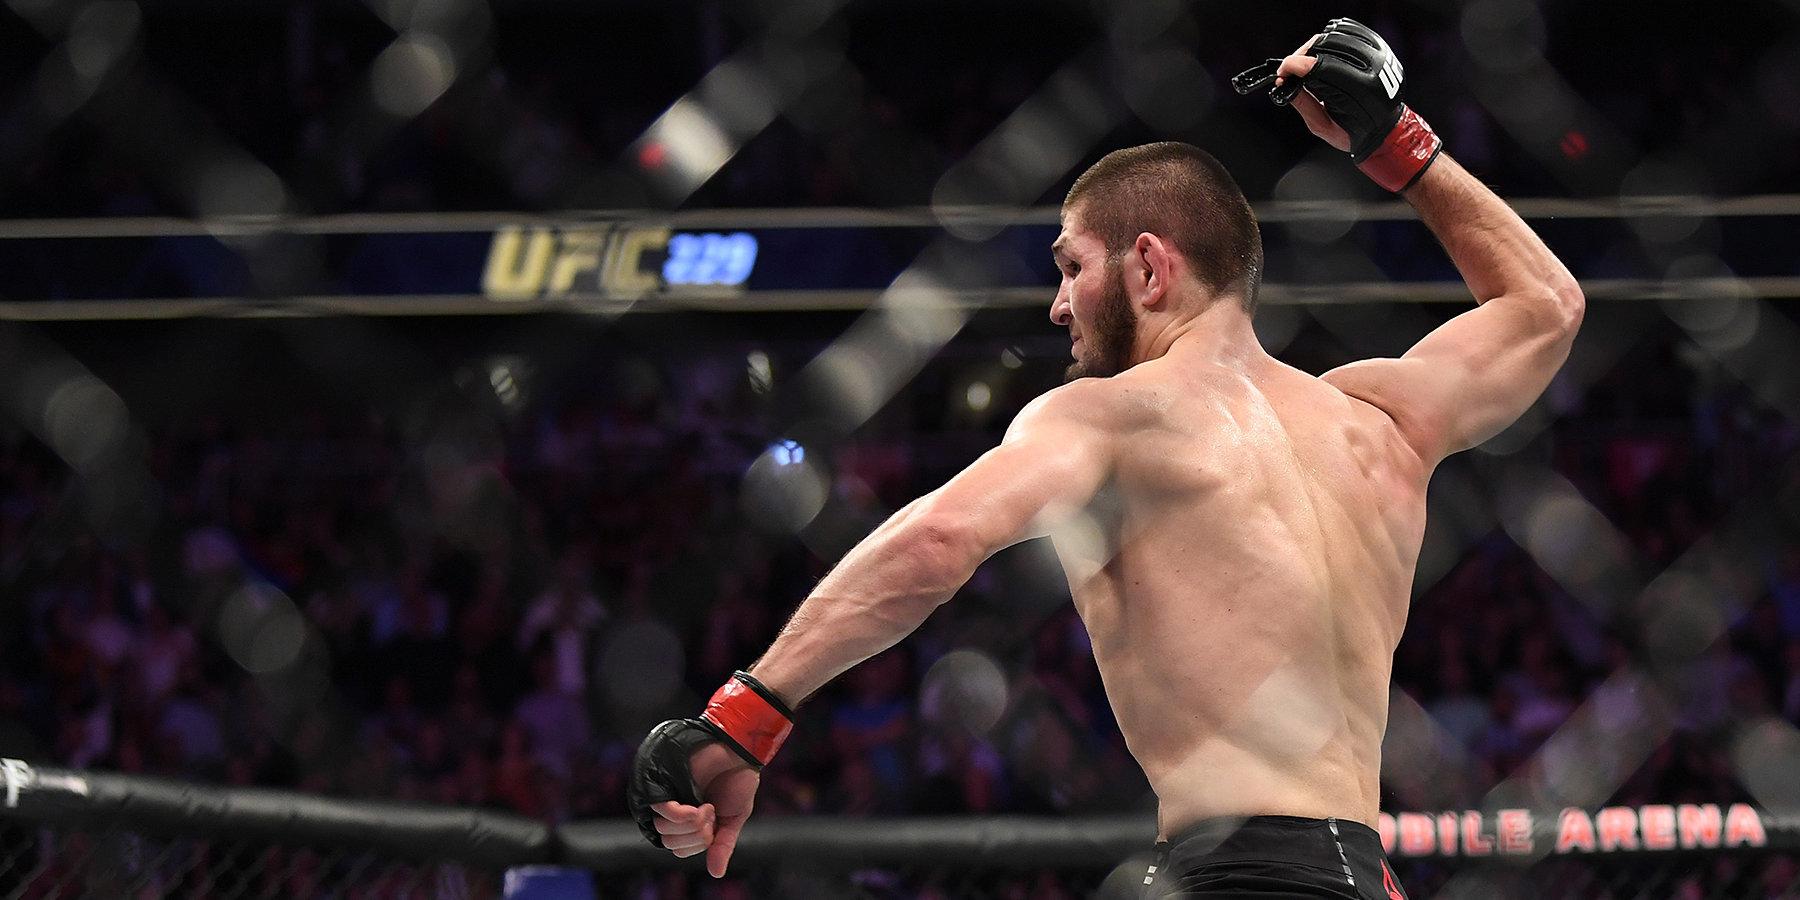 СМИ: Нурмагомедов имеет право находиться на турнирах UFC